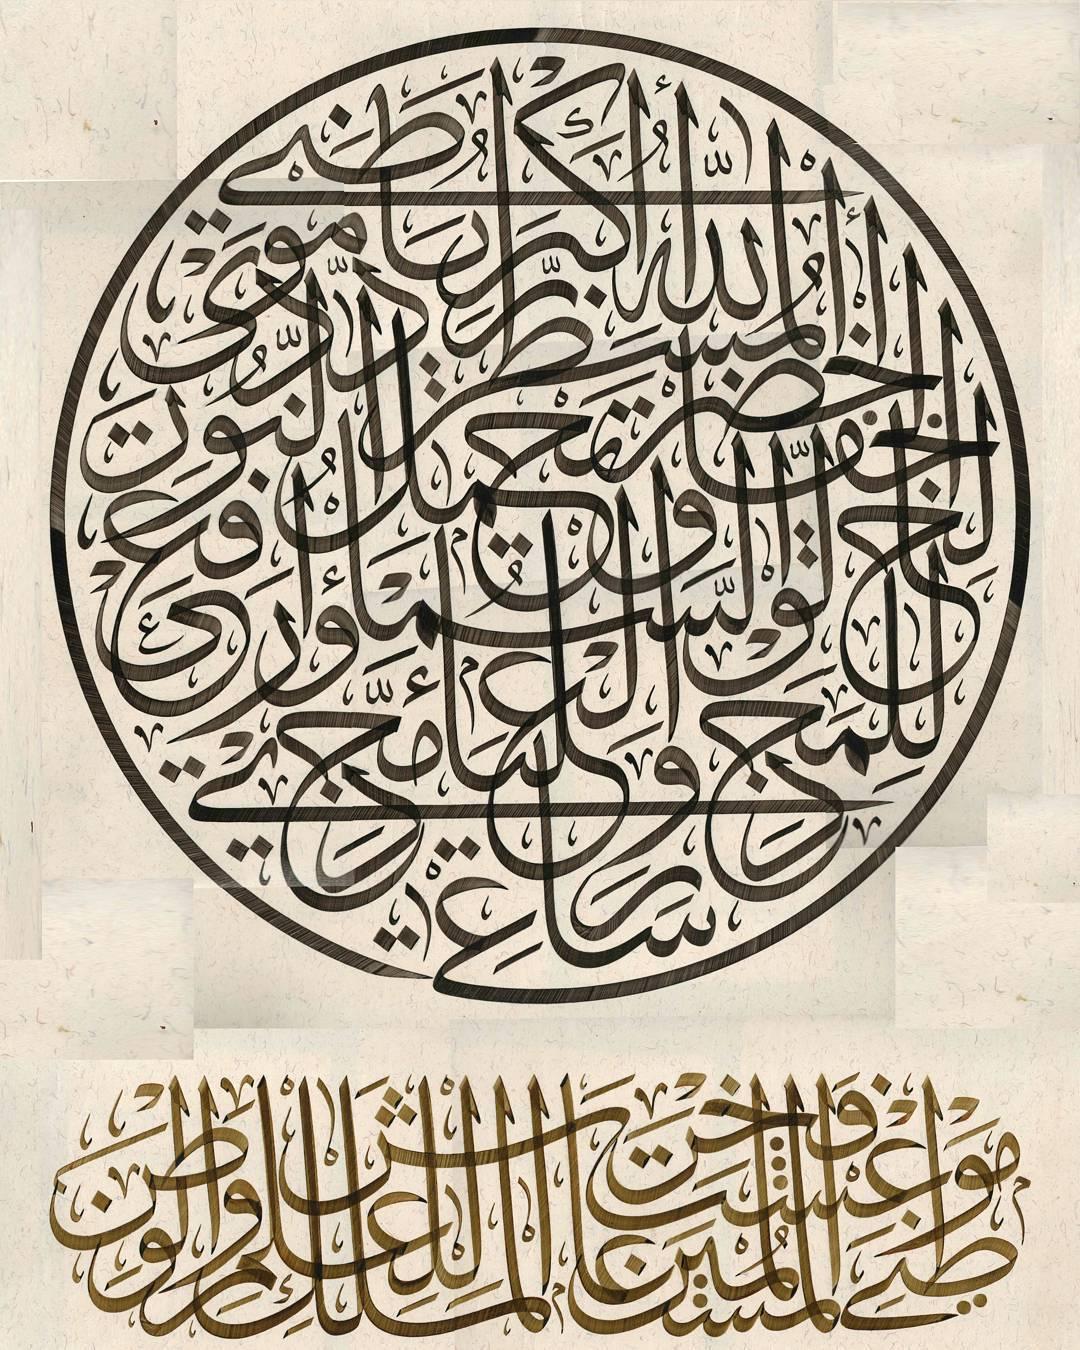 Foto Karya Kaligrafi Alhamdulillah dapat berpartisipasi dalam pertandingan sookokaz. Terimakasih guru…- Teguh Prastio